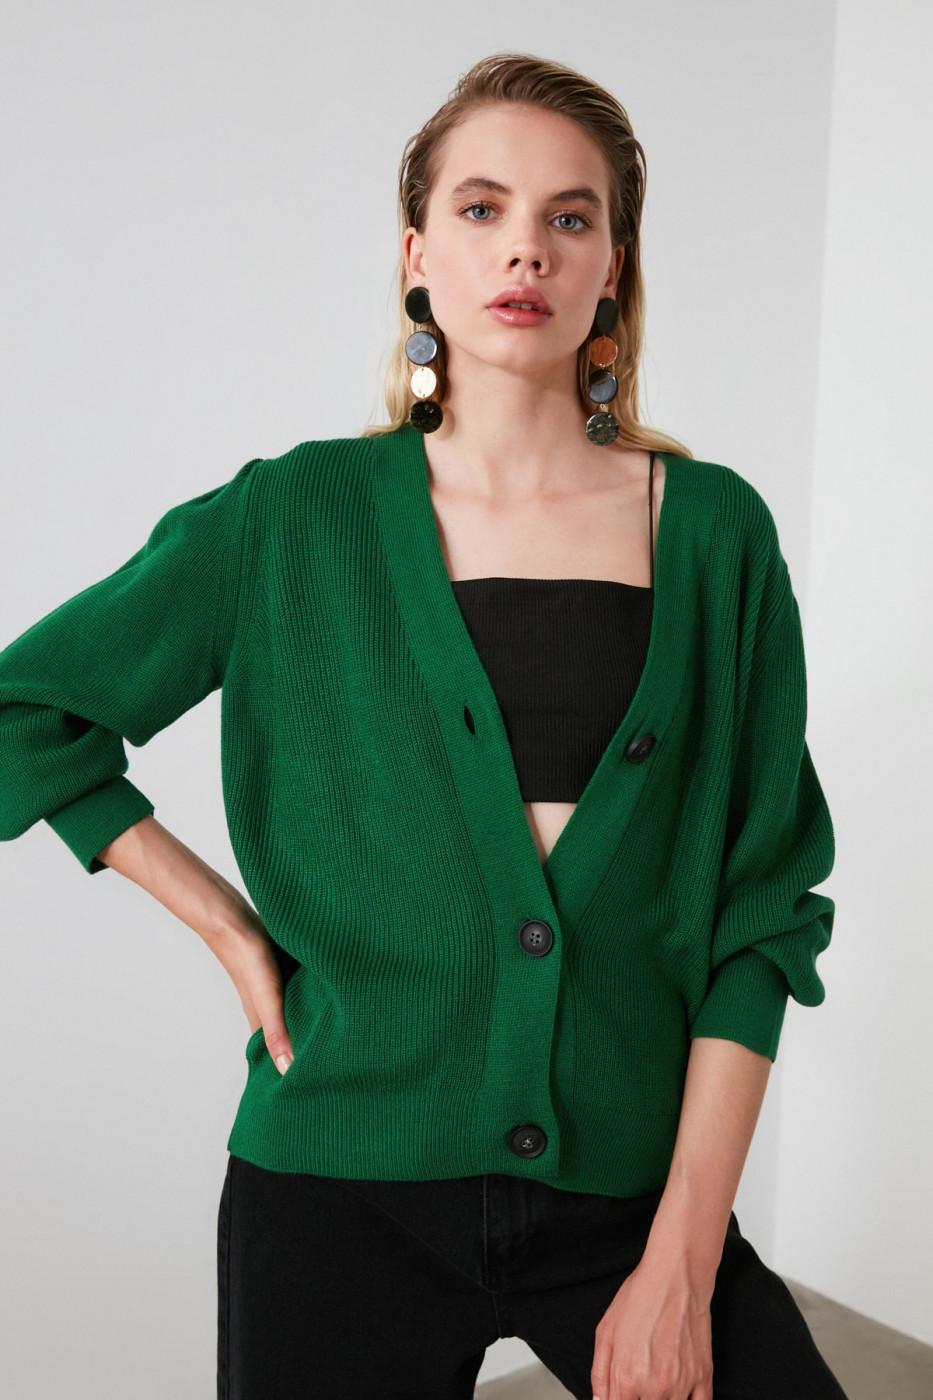 Trendyol Green Button Knitwear Cardigan